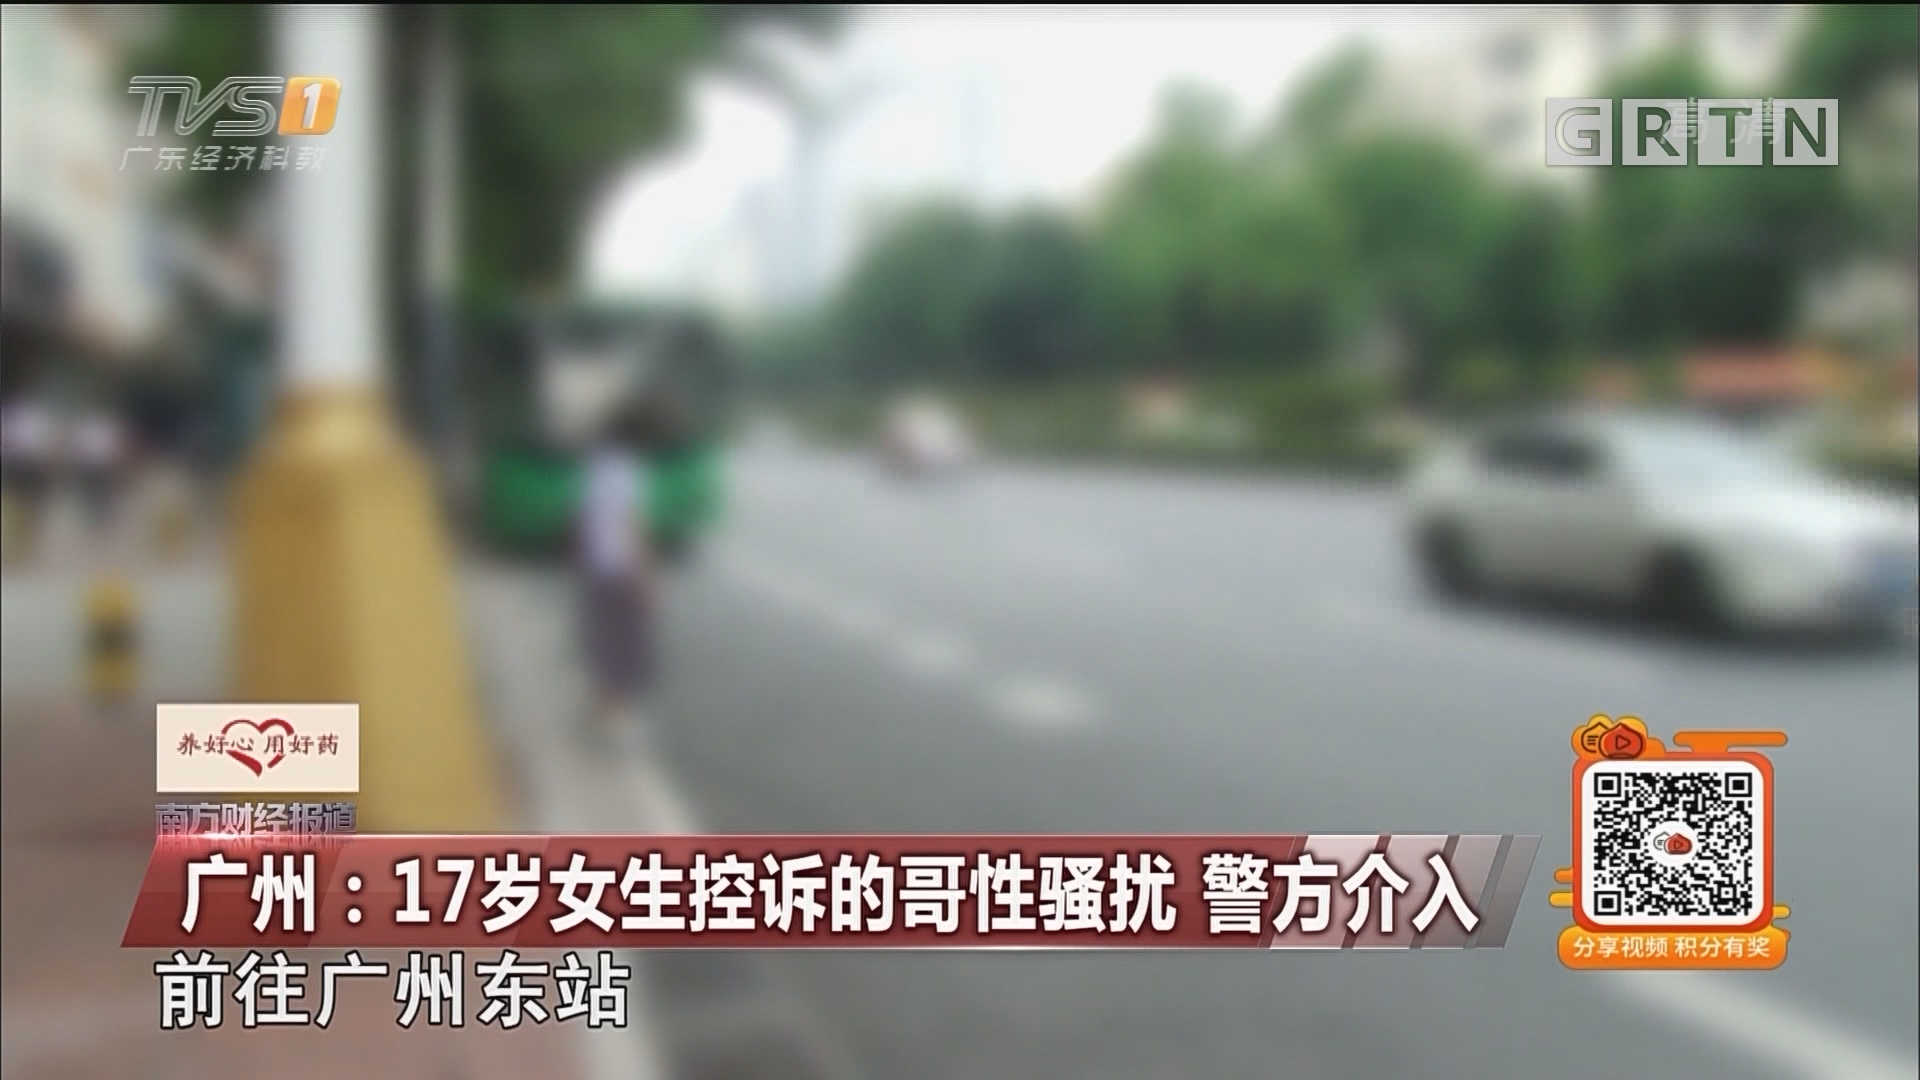 广州:17岁女生控诉的哥性骚扰 警方介入